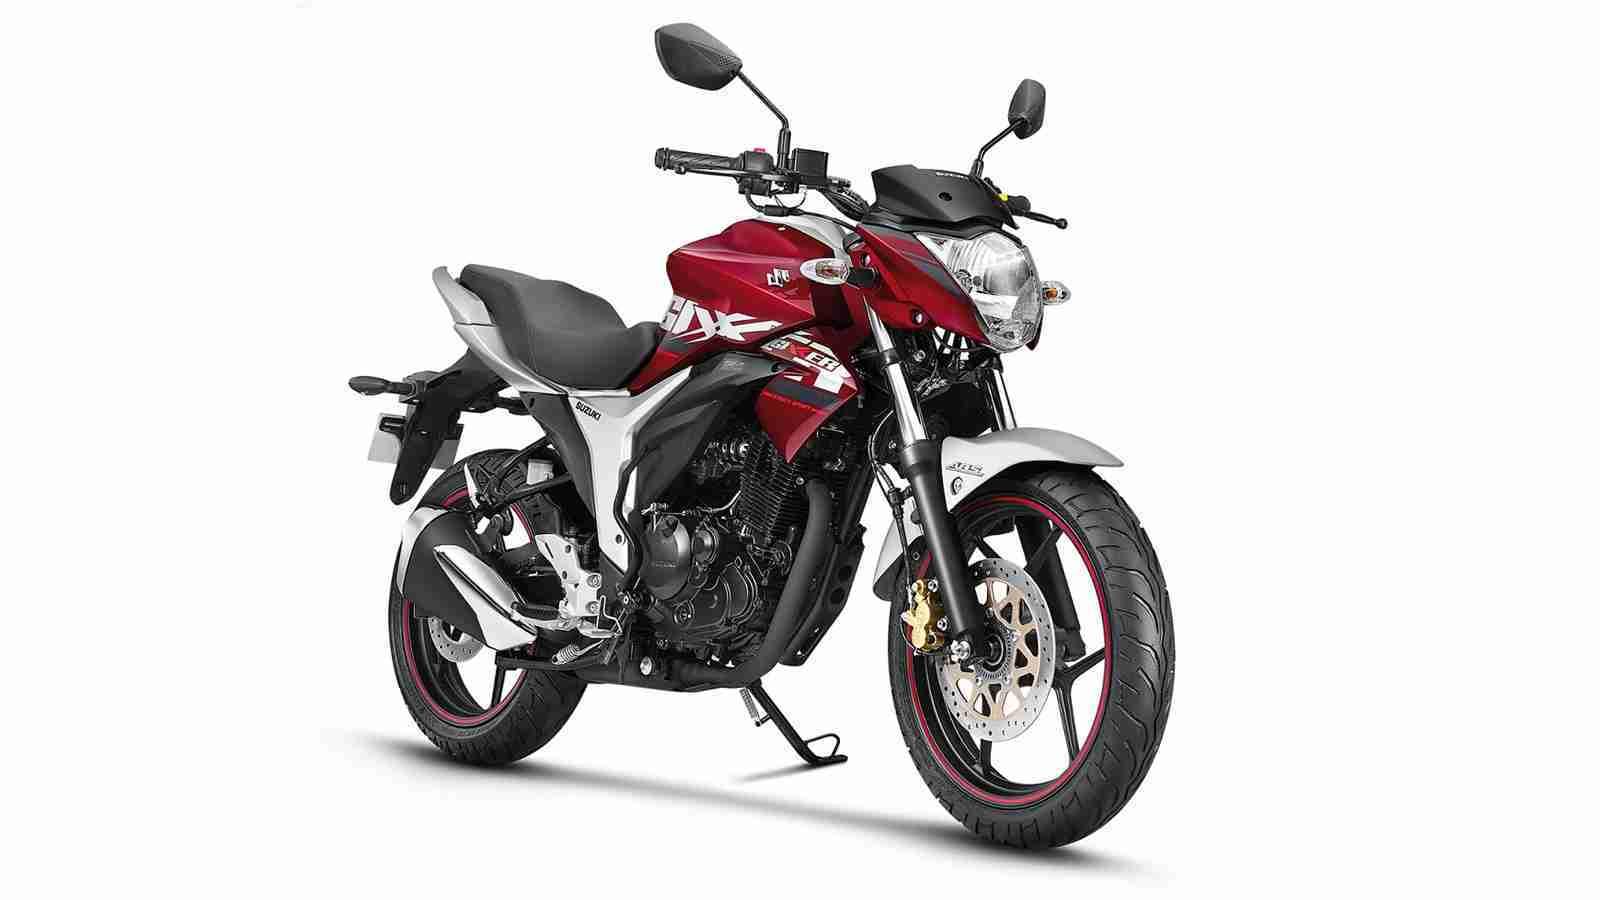 Suzuki Gixxer ABS colour option Candy Sonoma Red Metallic Sonic Silver